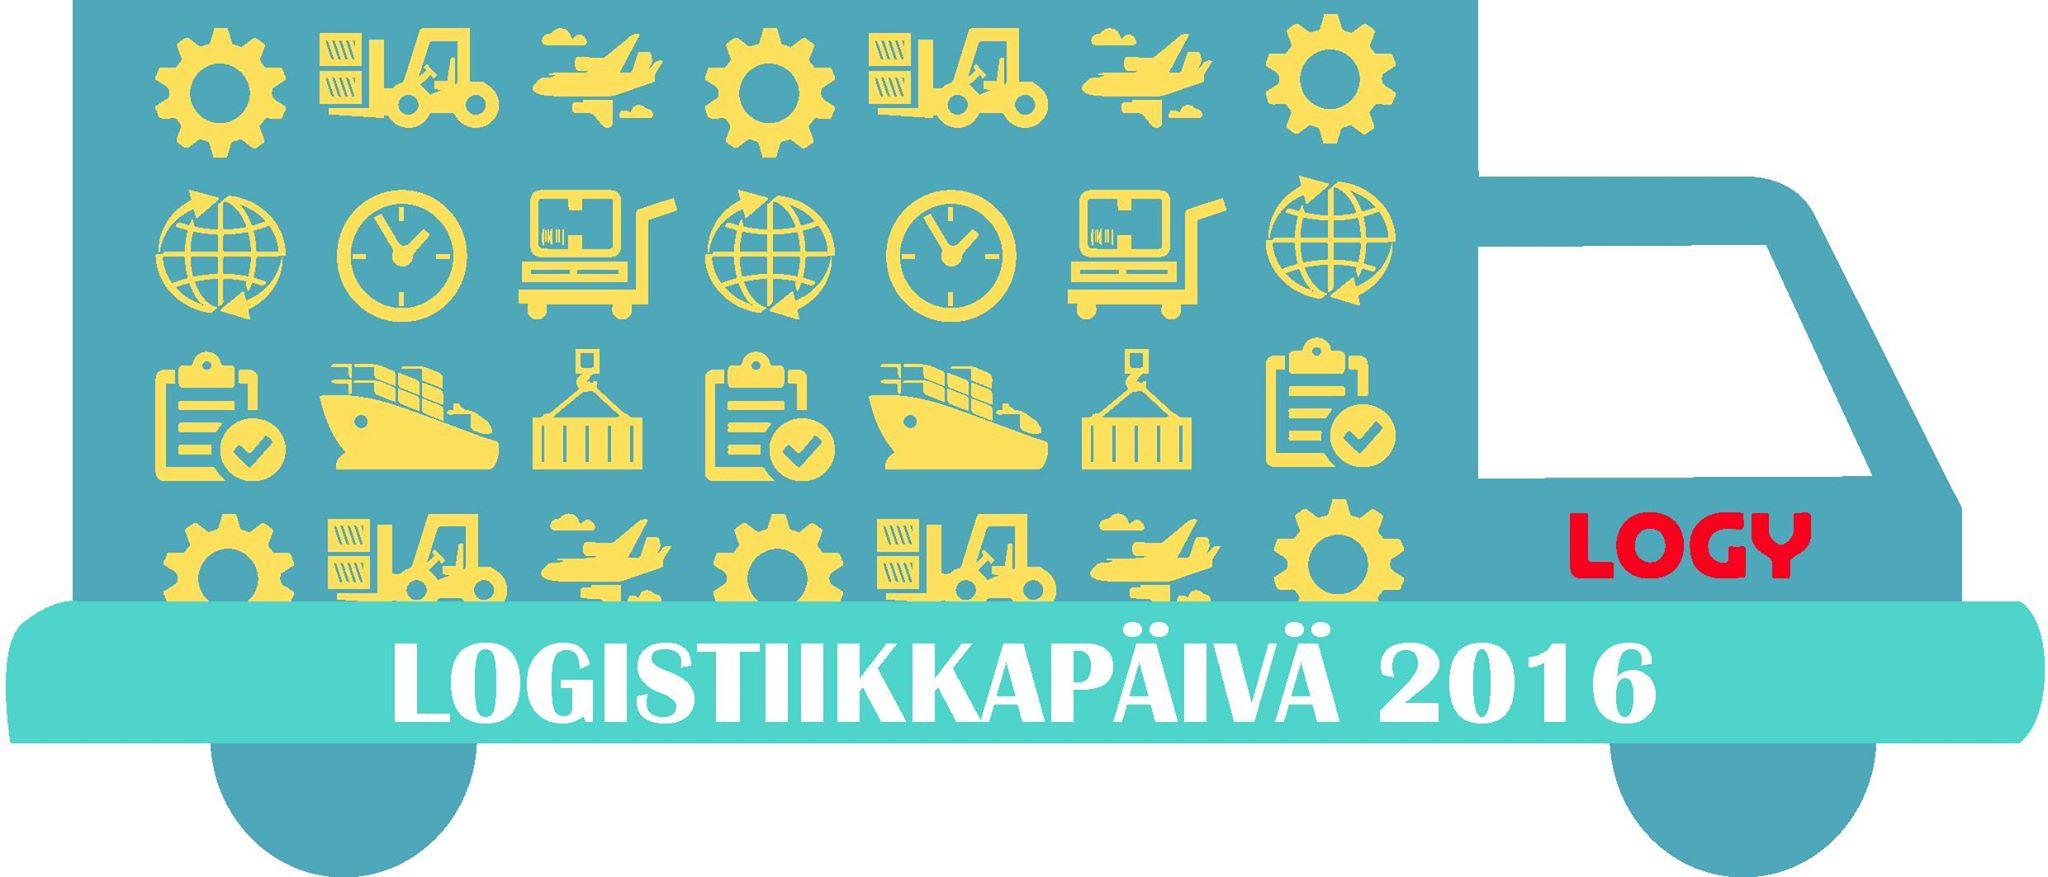 Tietorahti Turun ammattikorkeakoulun logistiikkapäivässä 9.3.